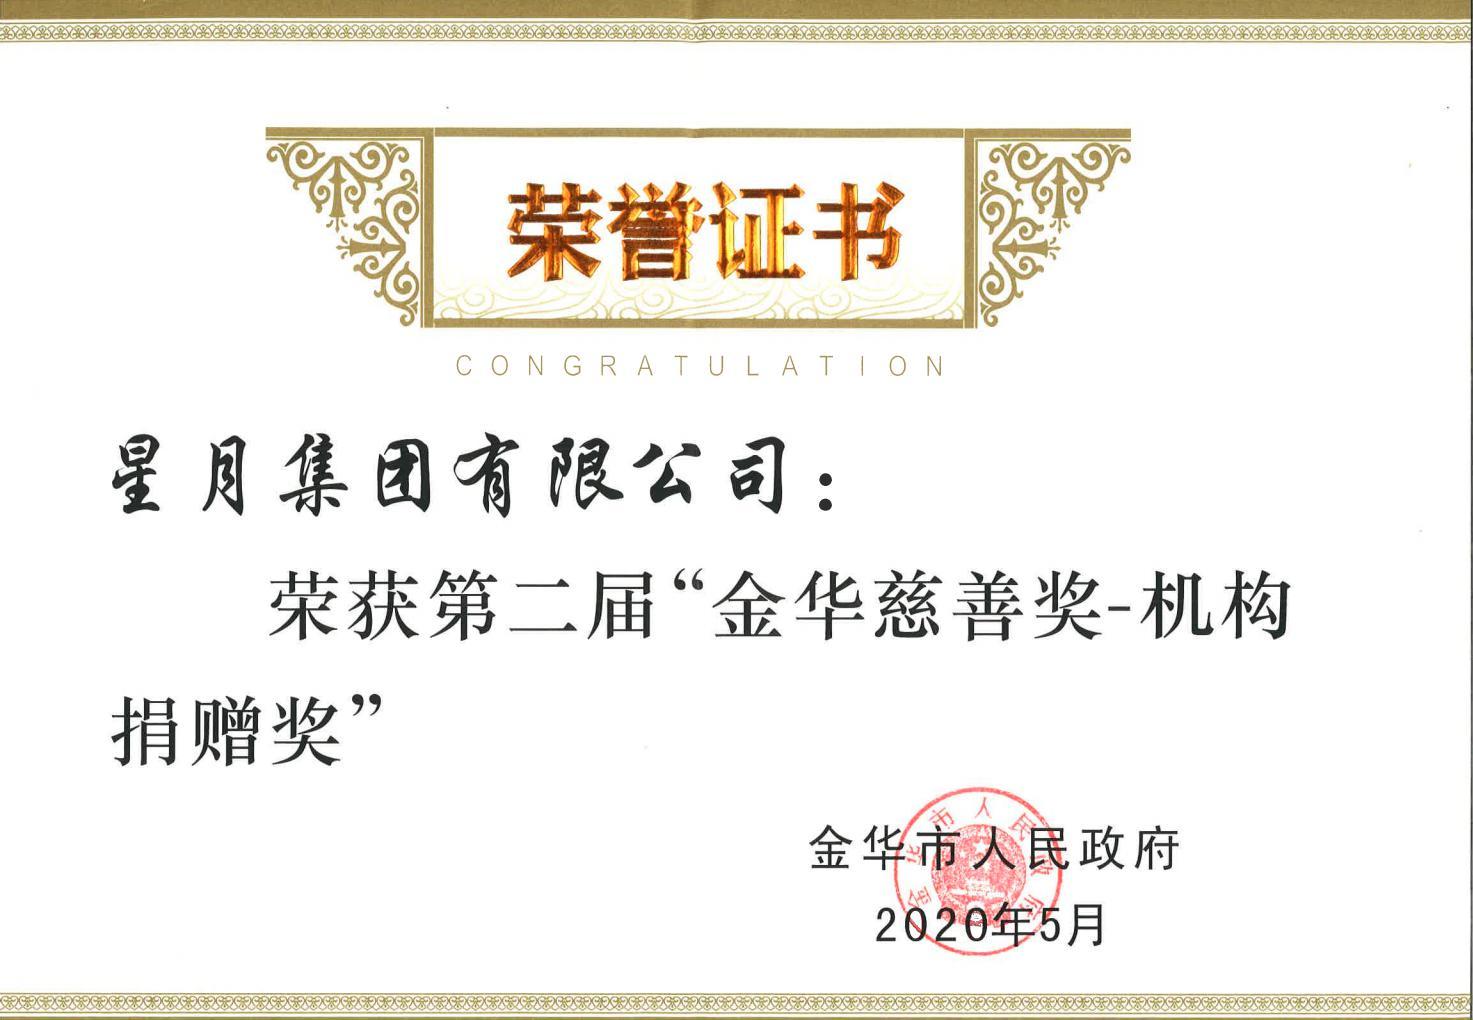 金华慈善奖-机构捐赠奖_00.jpg